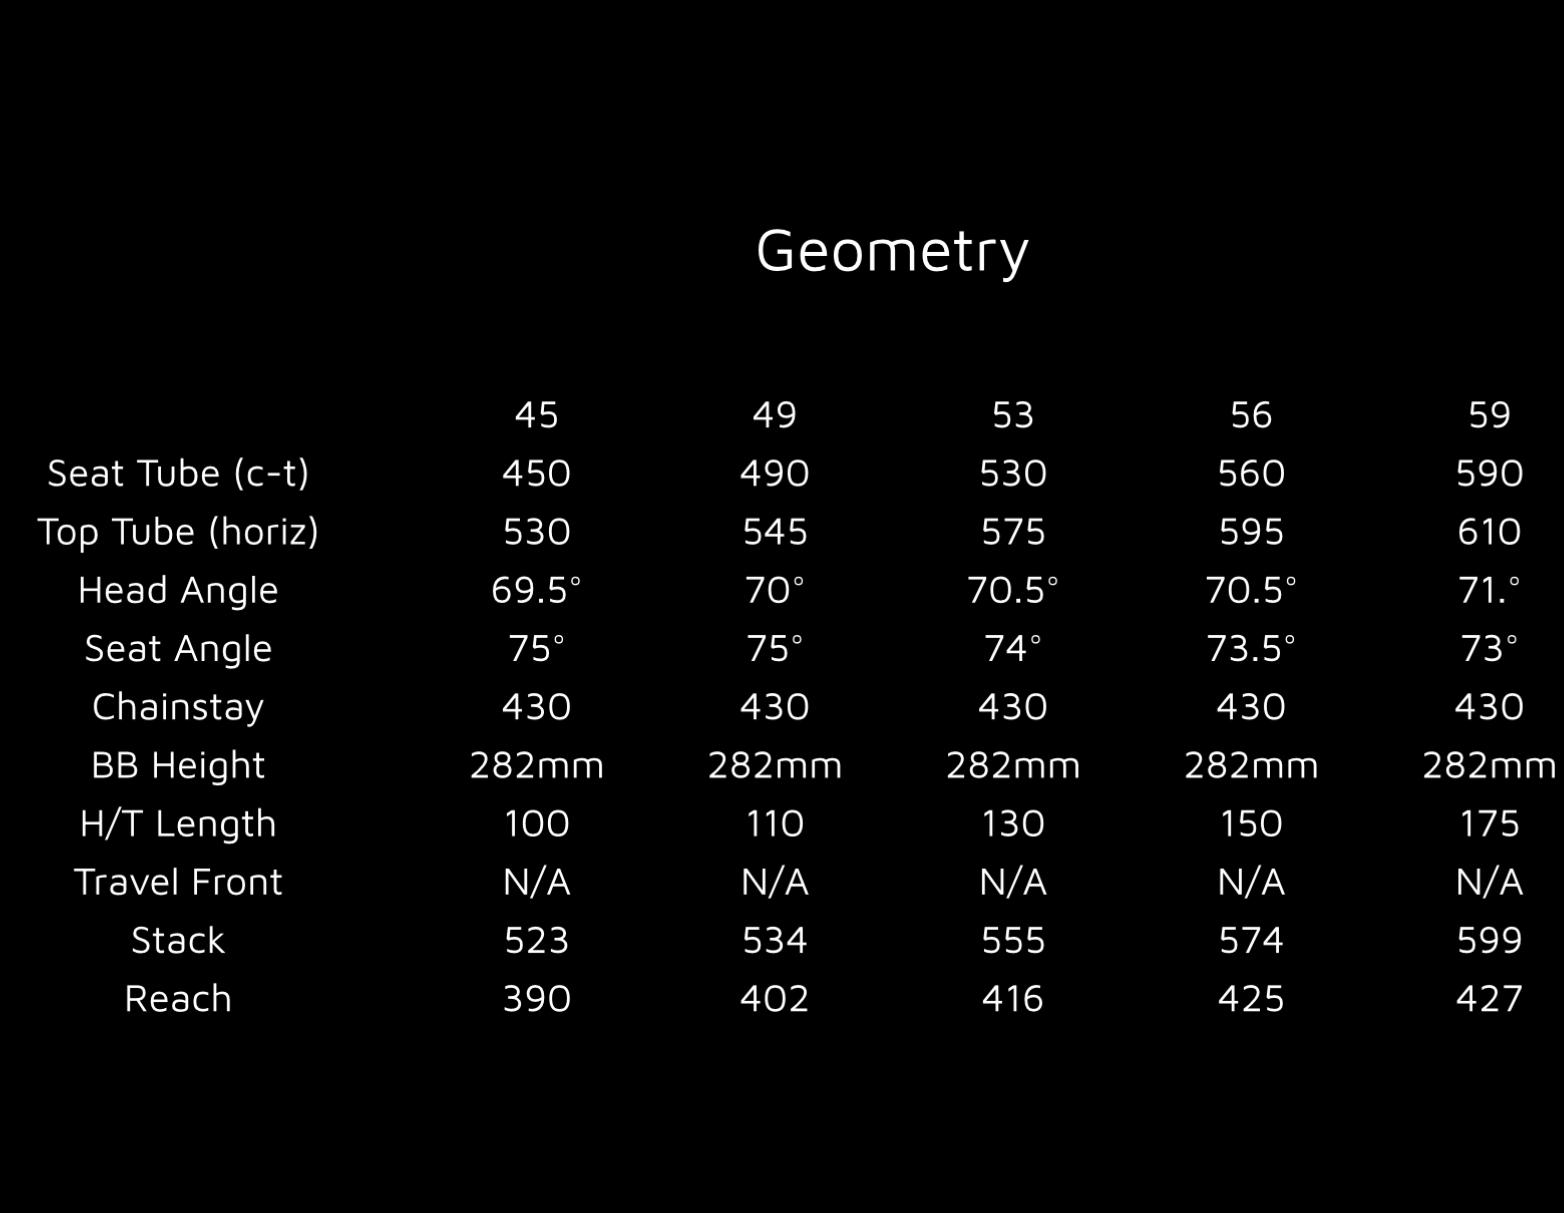 2017 Dynamo Geometry .png